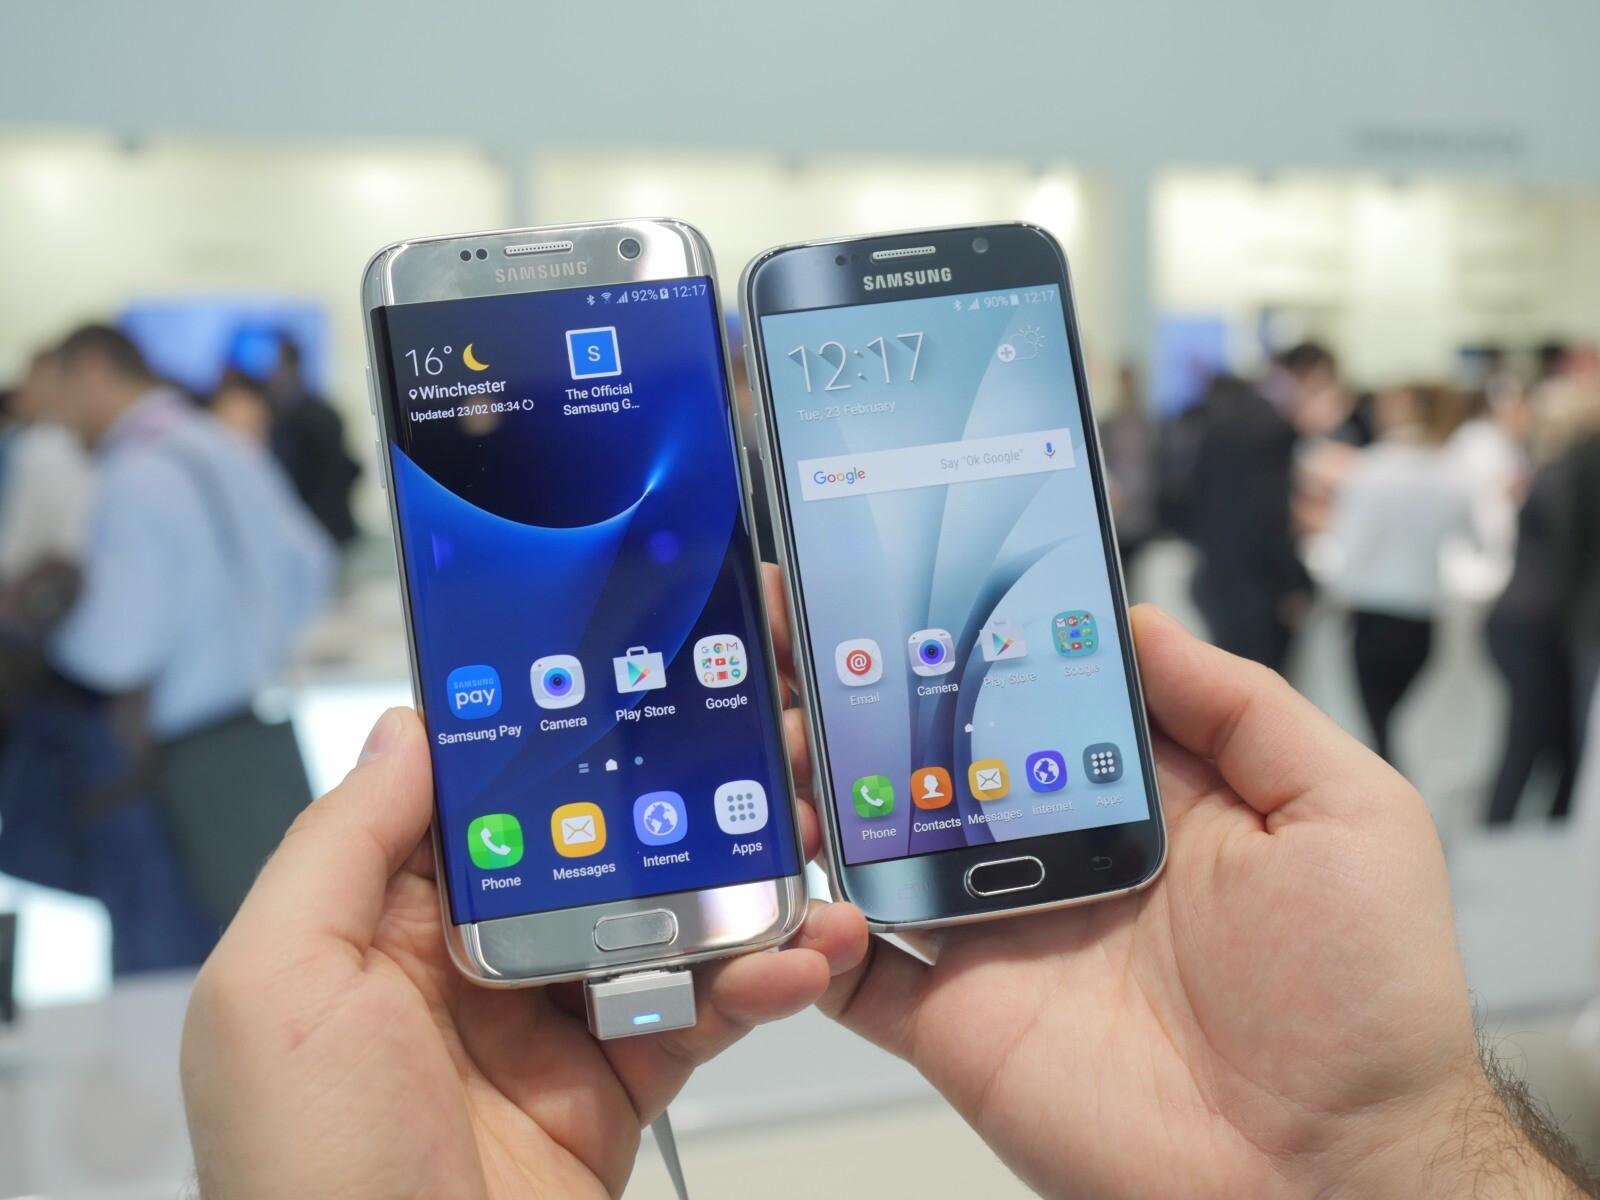 Vergleich Samsung Galaxy S7 Edge Und S6 Edge